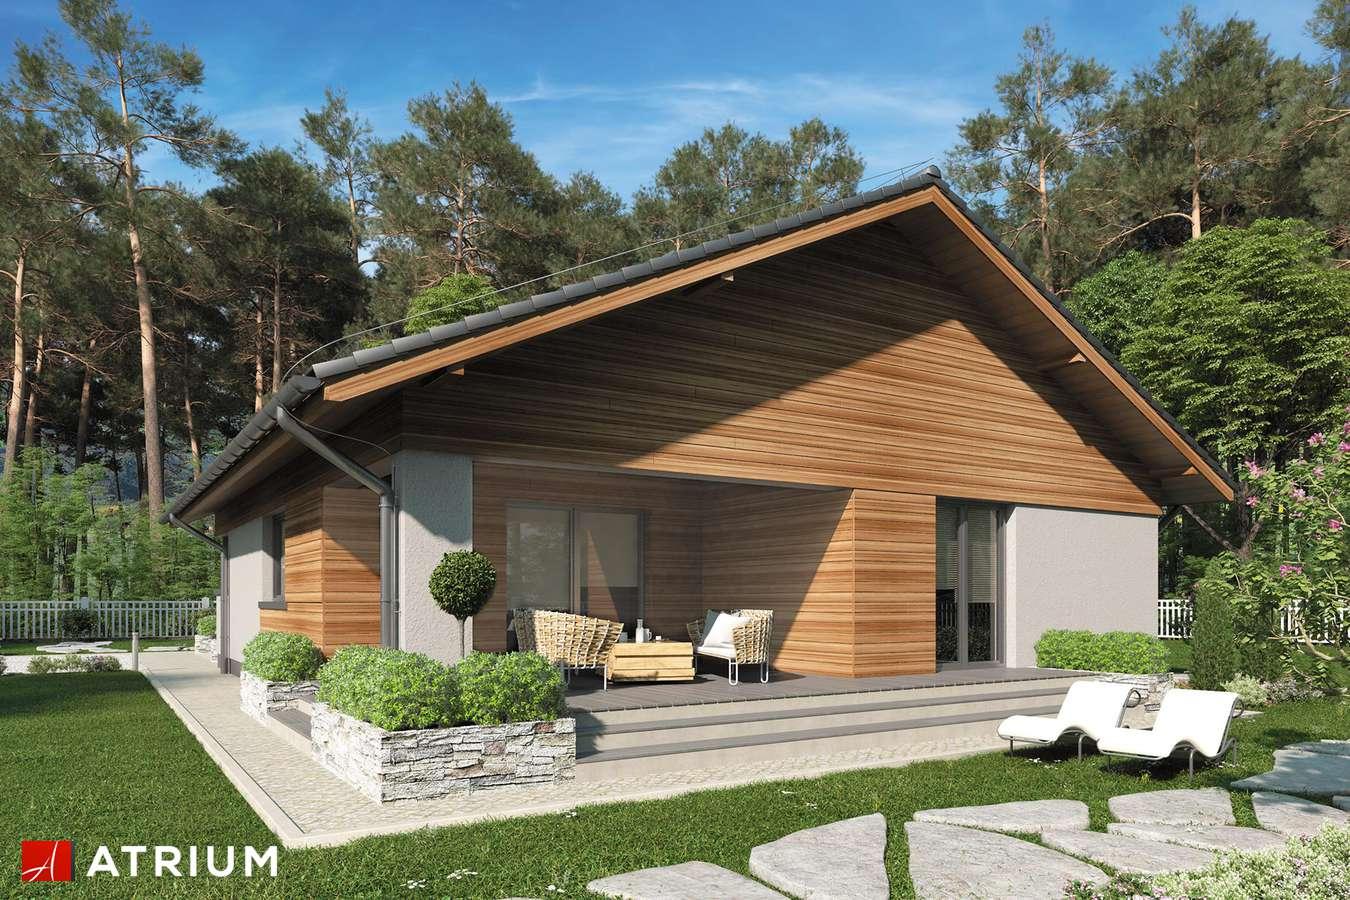 Projekty domów - Projekt domu parterowego KOS IV SZ - wizualizacja 2 - wersja lustrzana